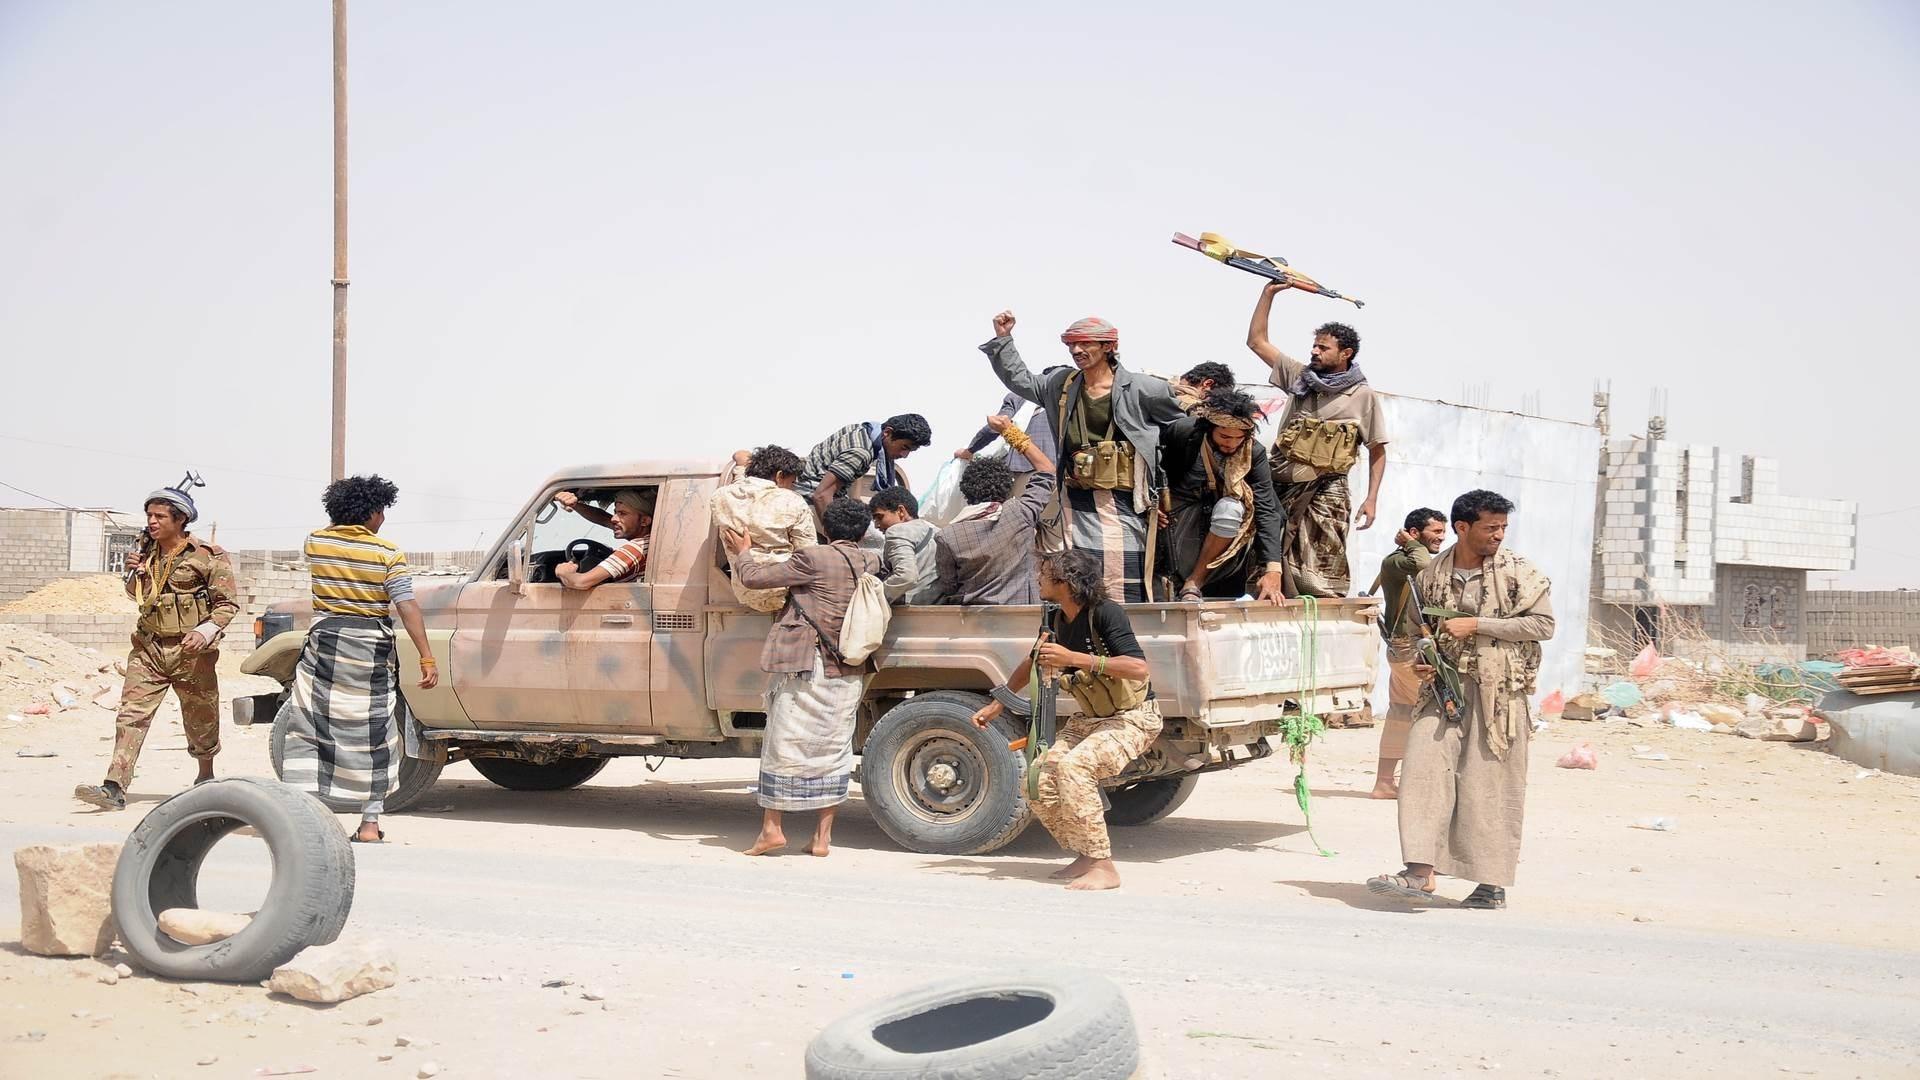 اليمن: إصابة مدنيين اثنين والمعارك تشتد جنوبي محافظة مأرب